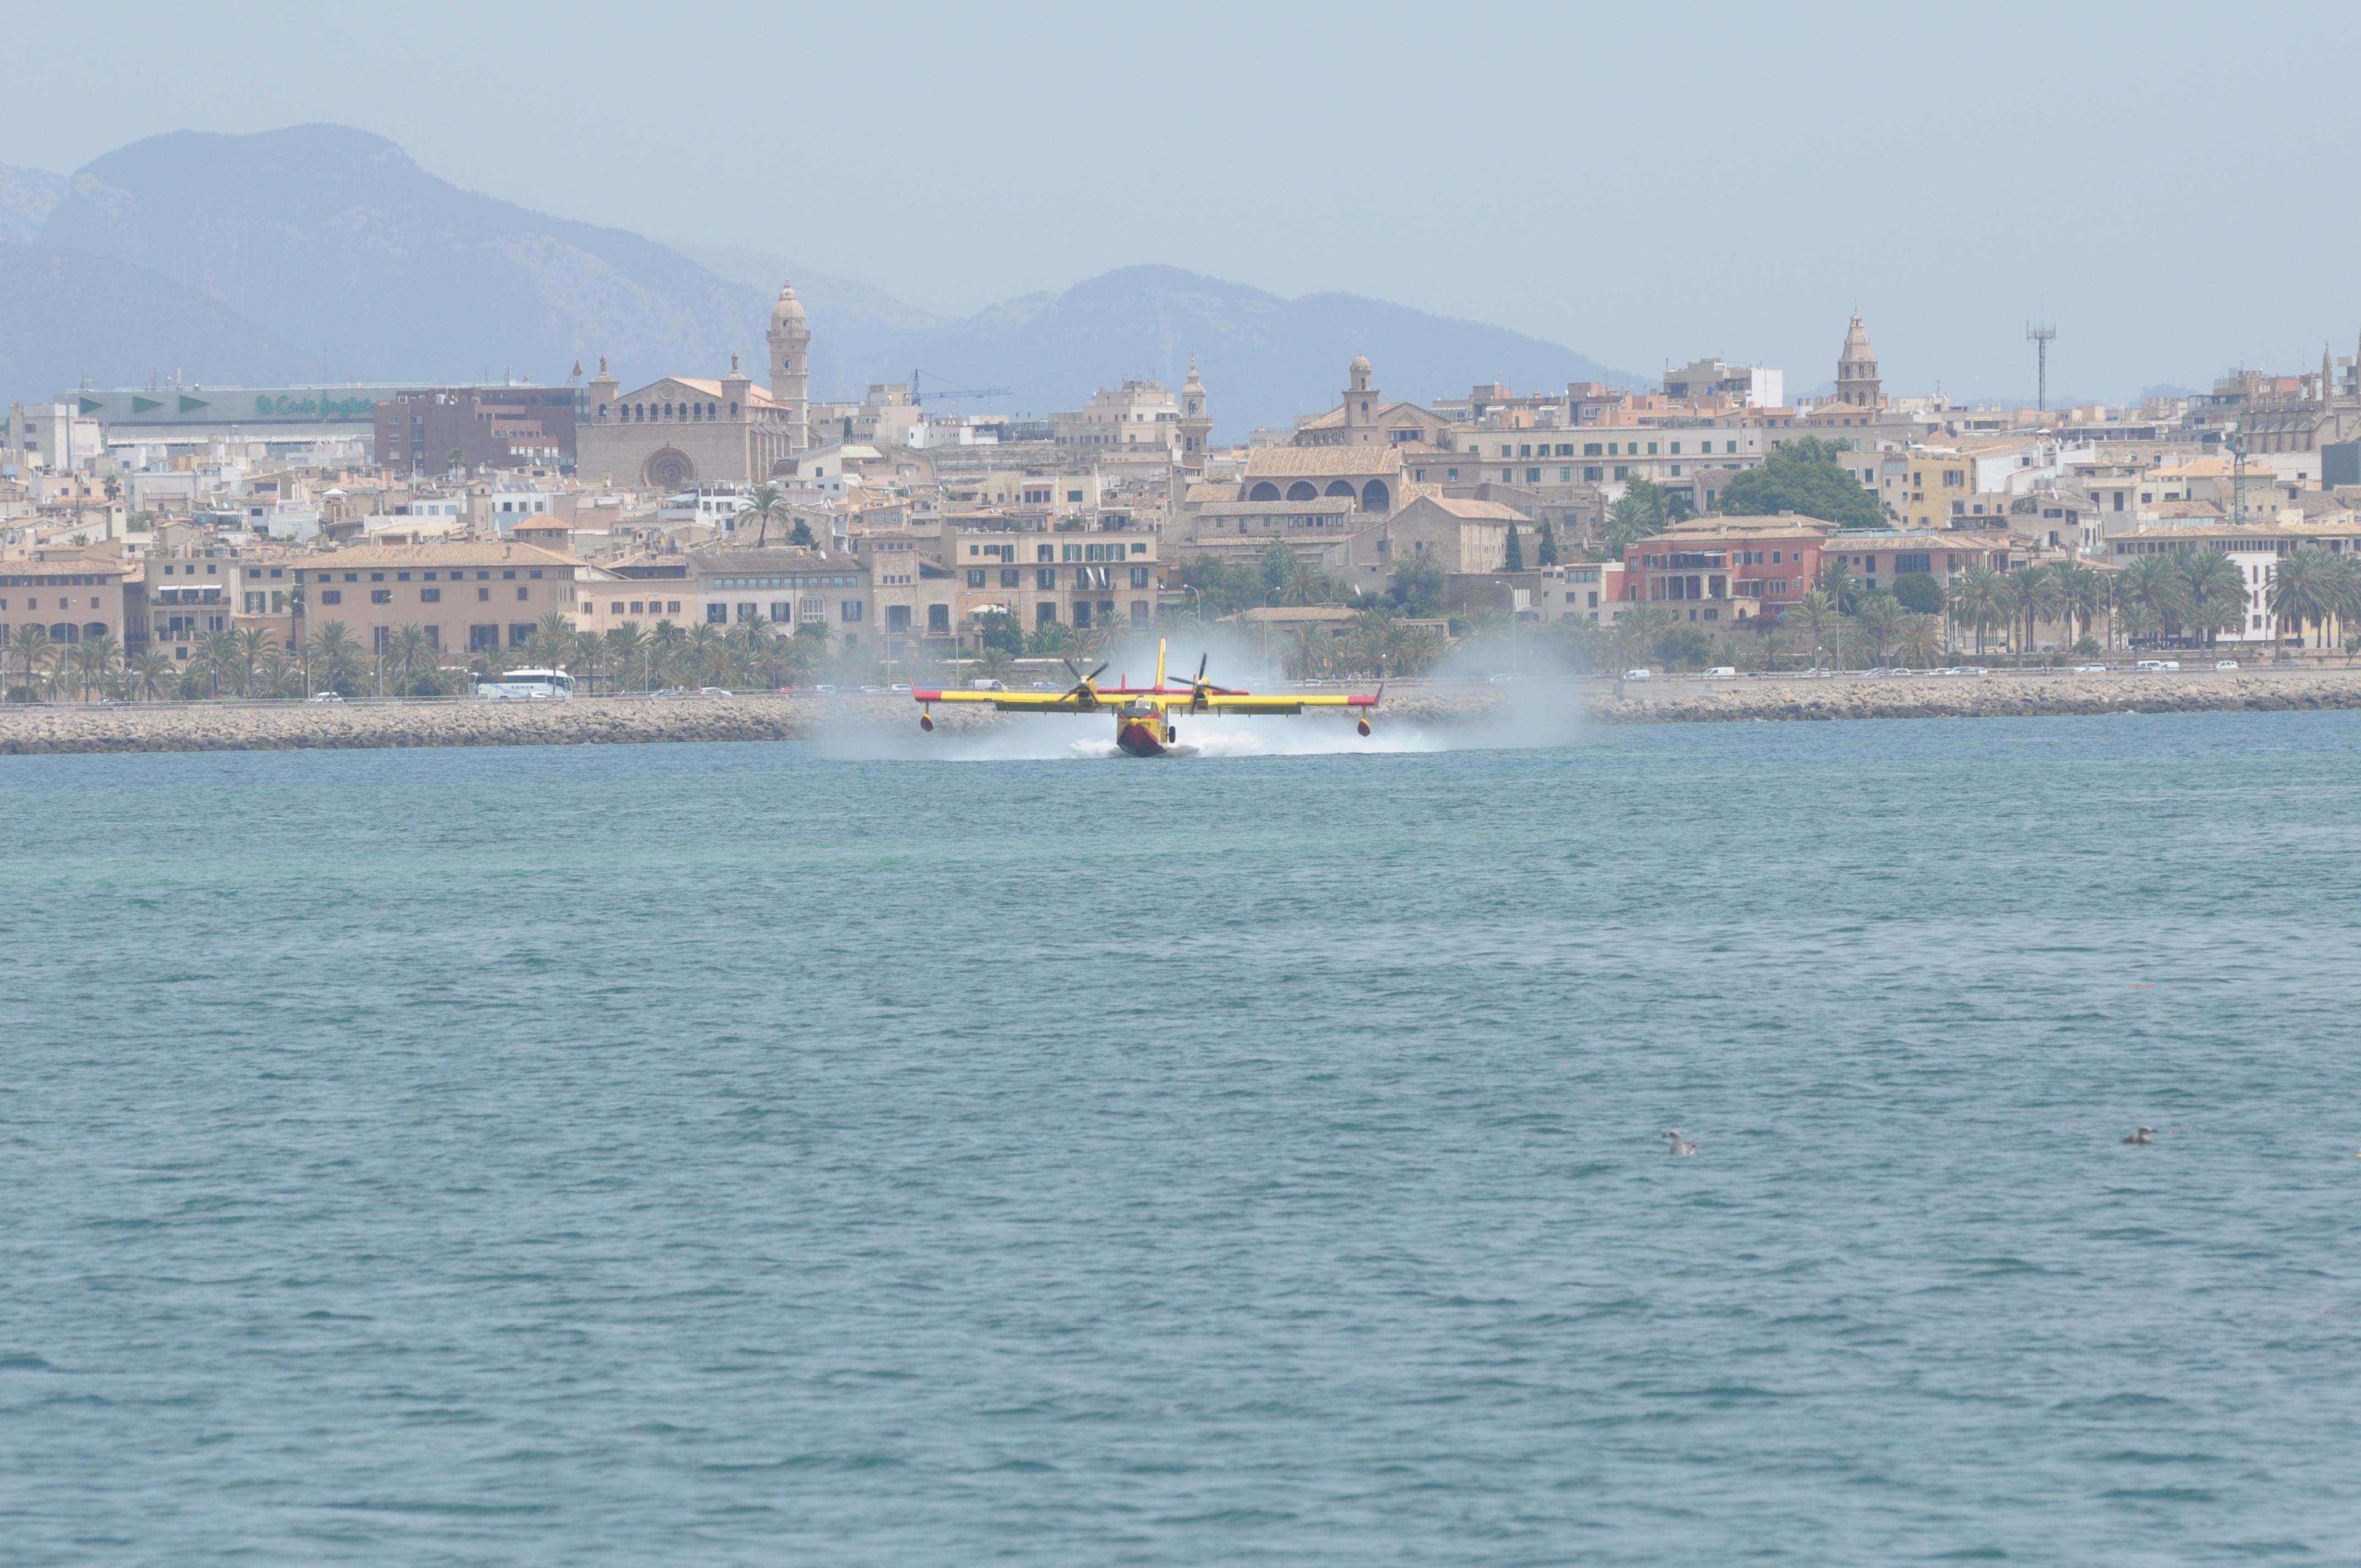 Übung der Wasserlandung von Amphibienflugzeugen im Hafen von Palma ...